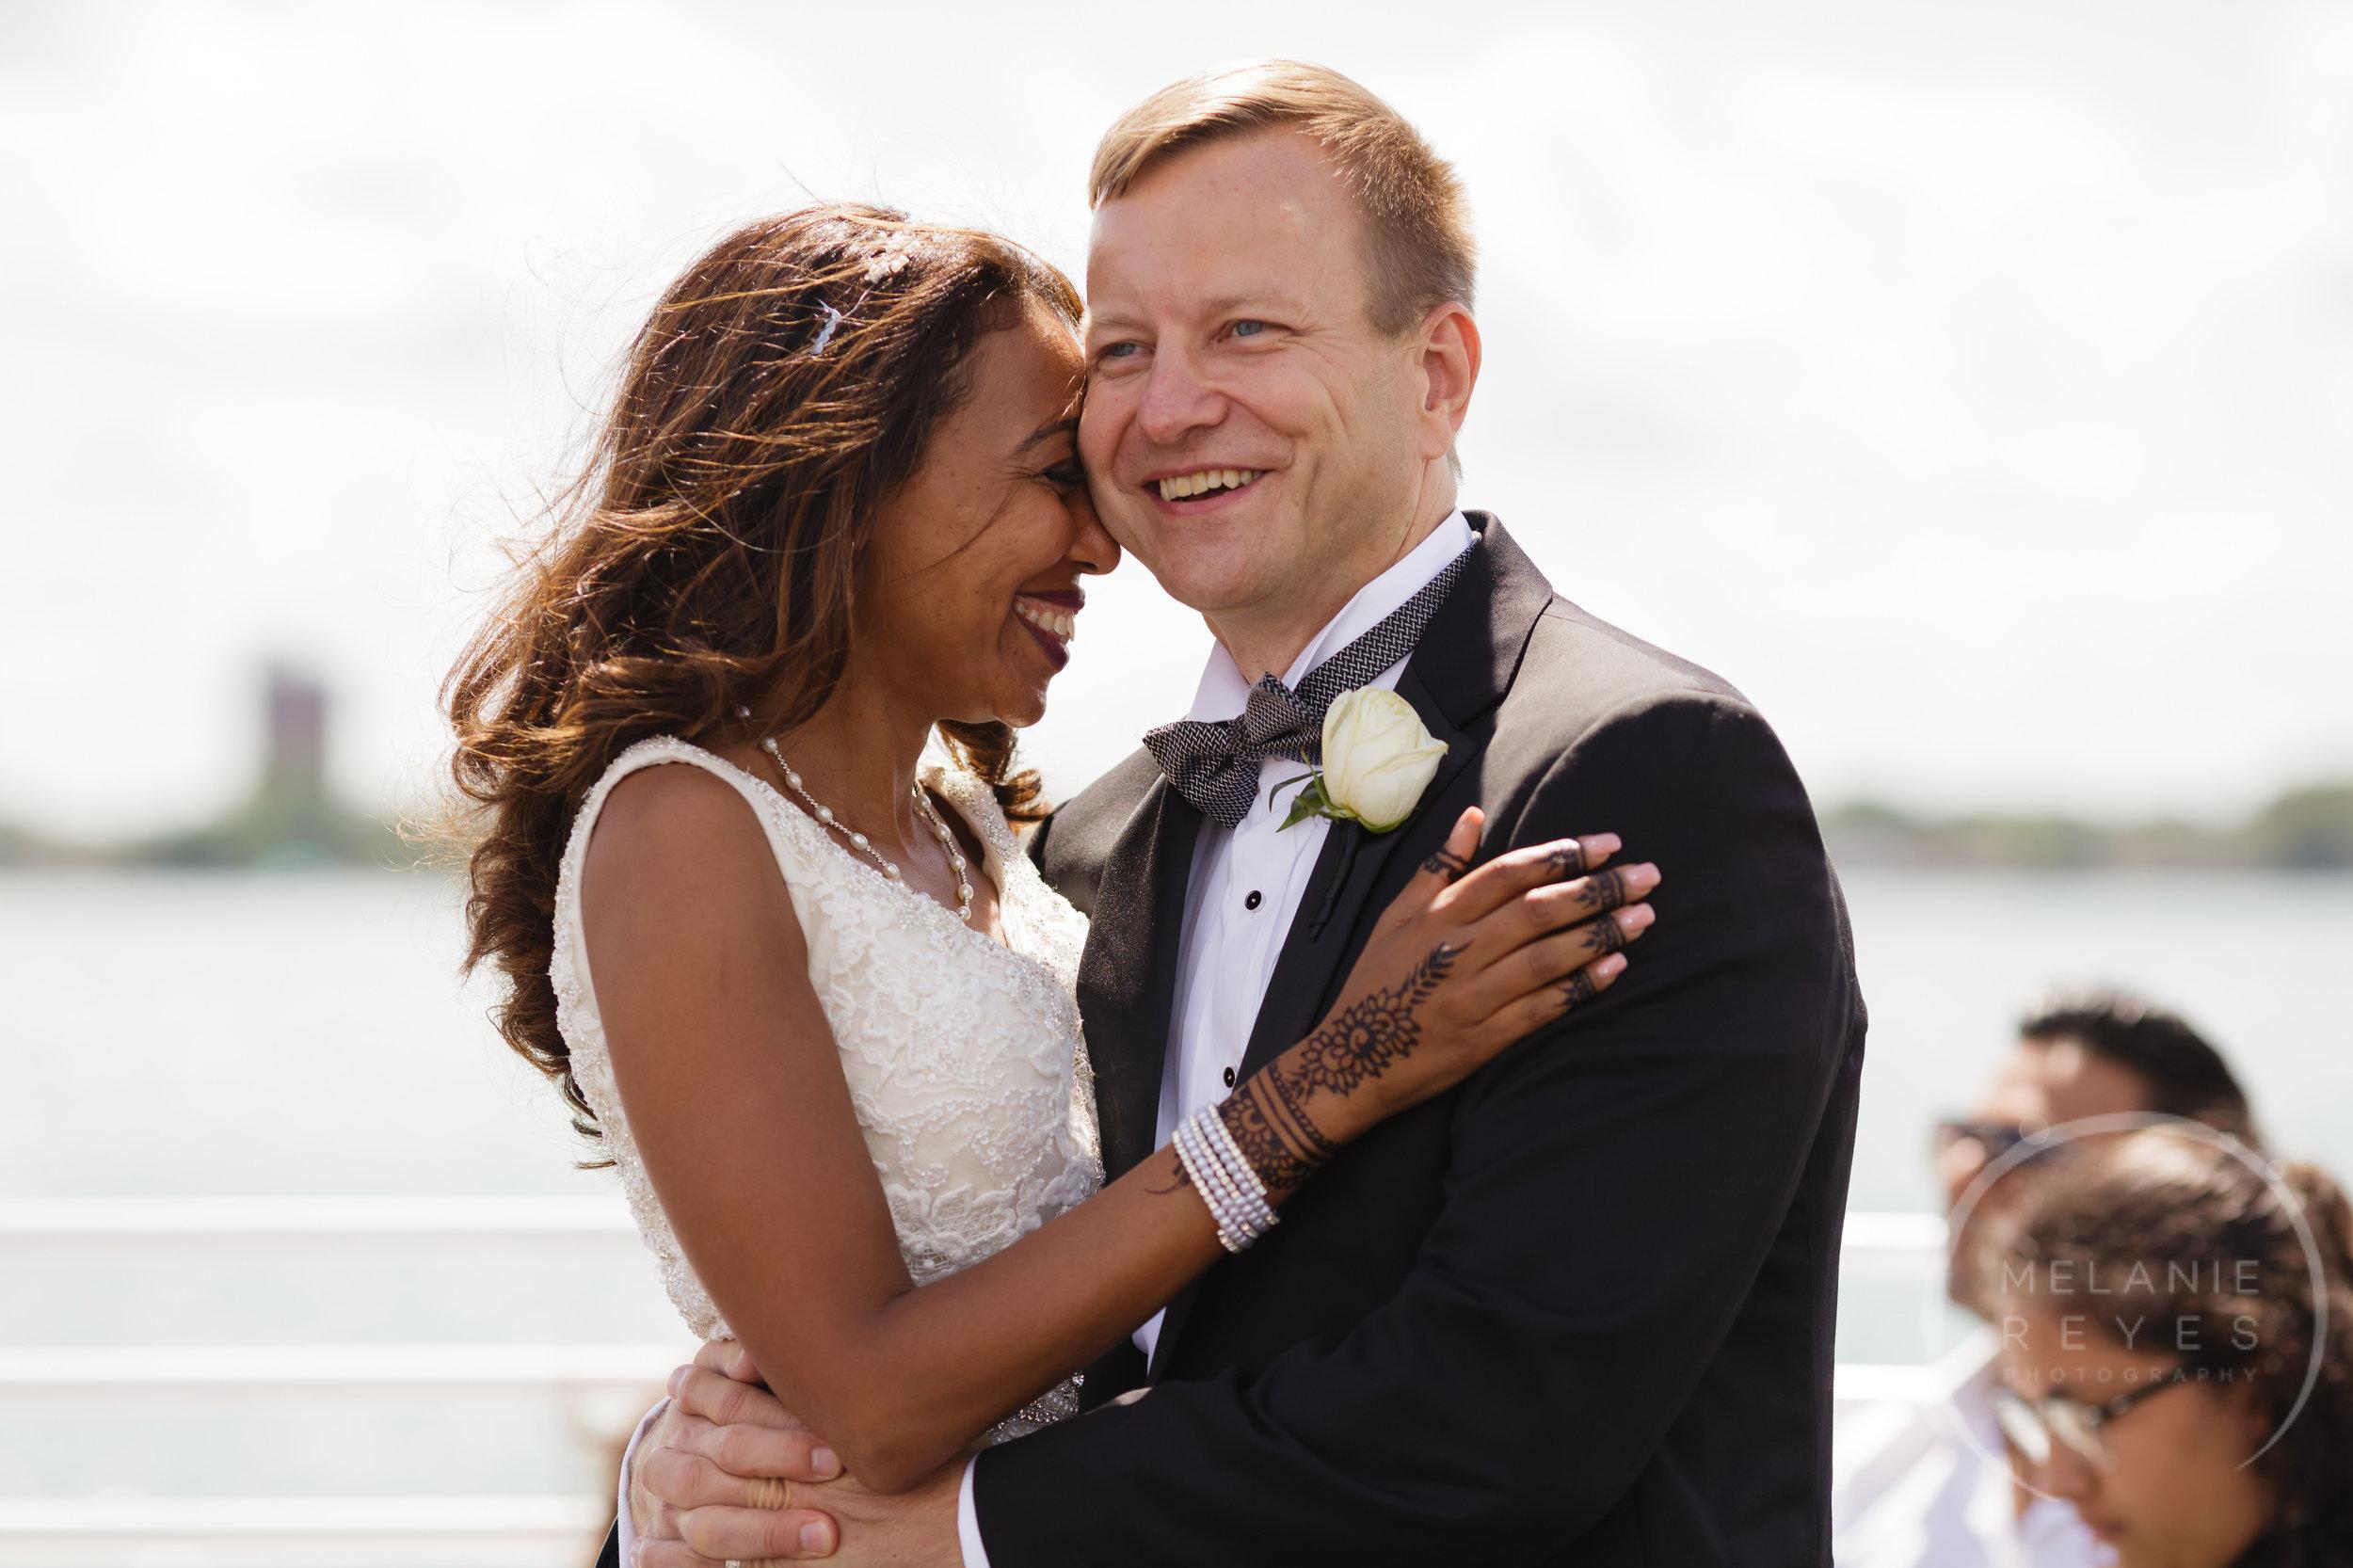 infinity_ovation_yacht_wedding_detroit_melaniereyes45.jpg